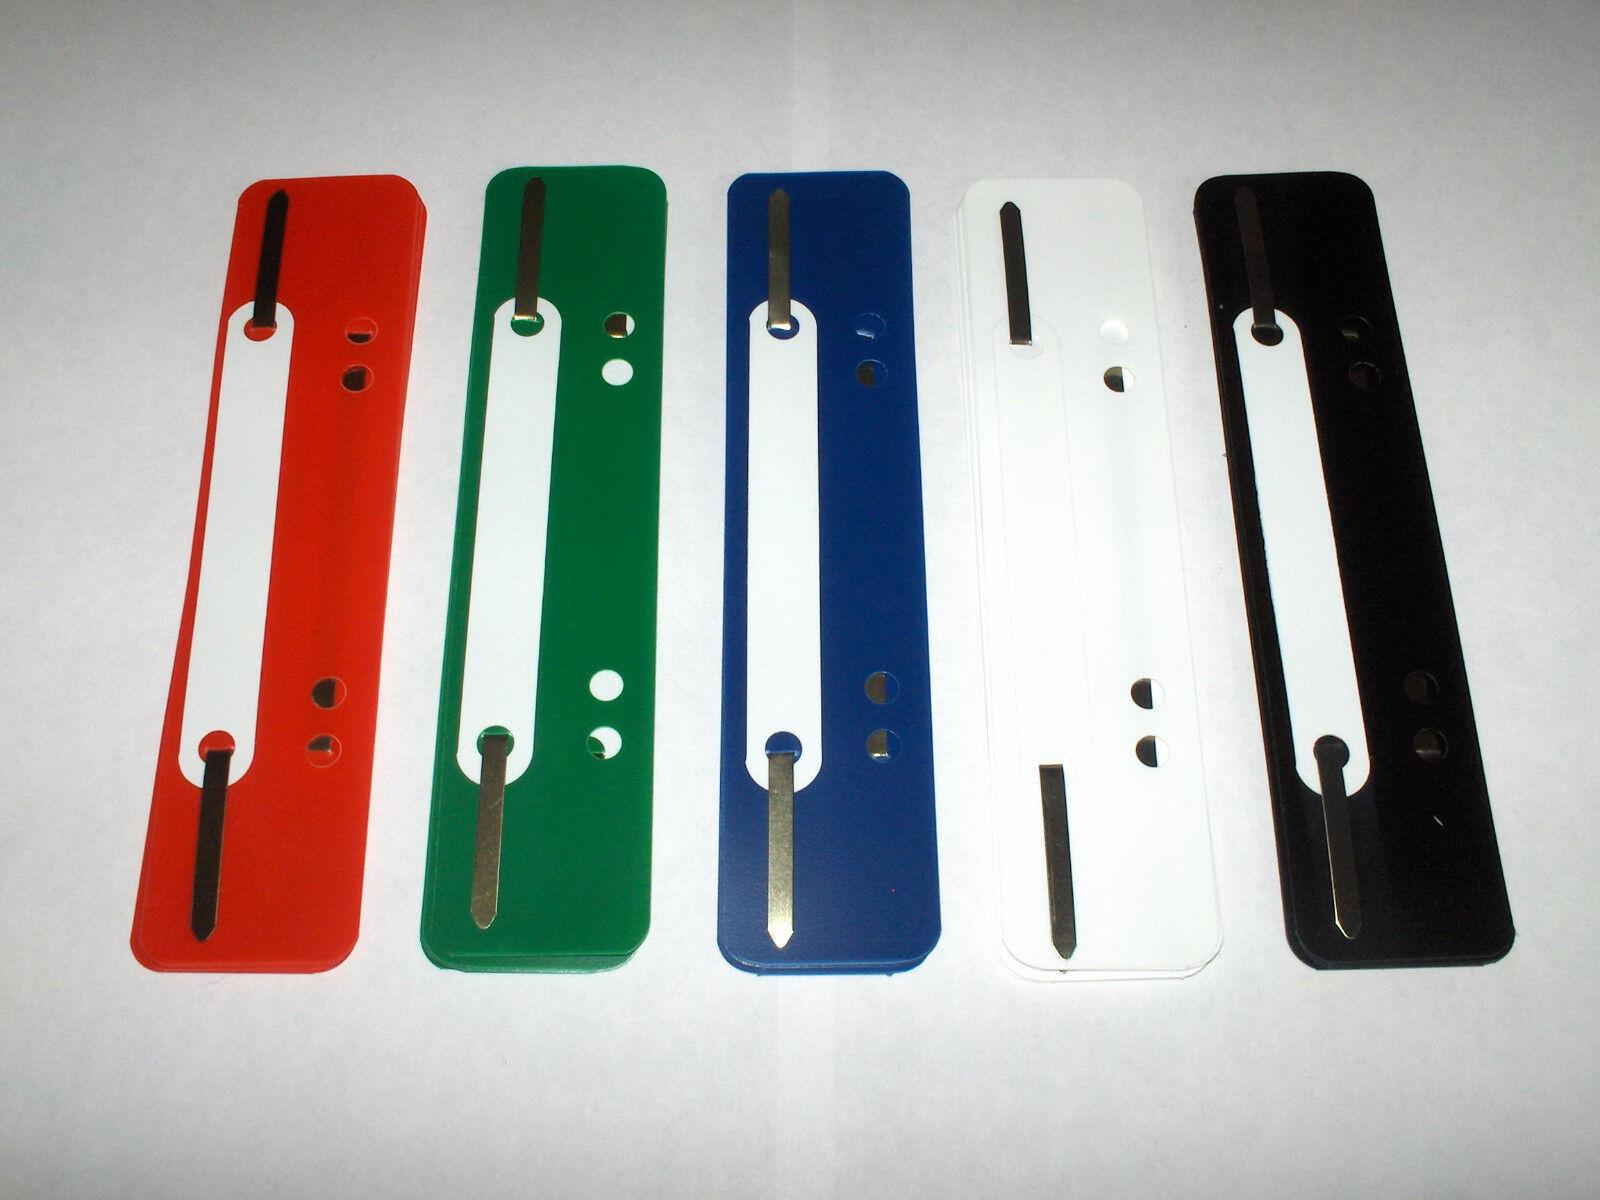 25 Stück Heftstreifen-Abheftstreifen - kurz - aus Kunststoff - farbig sortiert